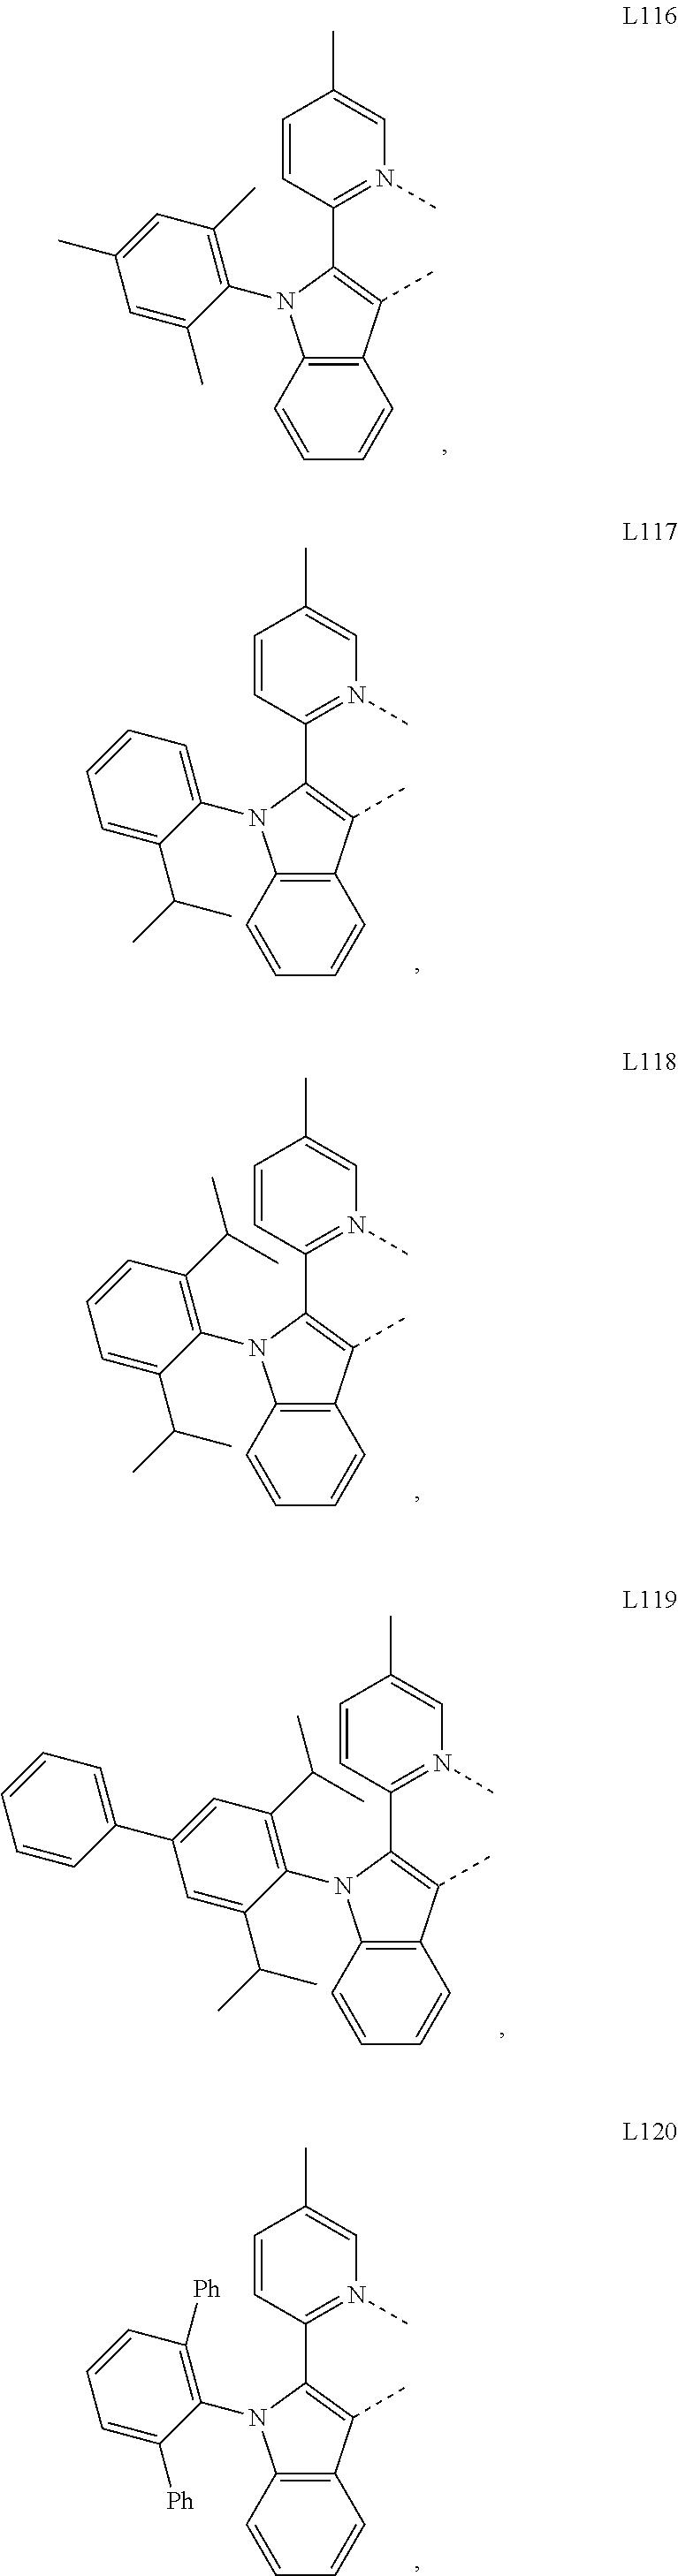 Figure US09935277-20180403-C00028